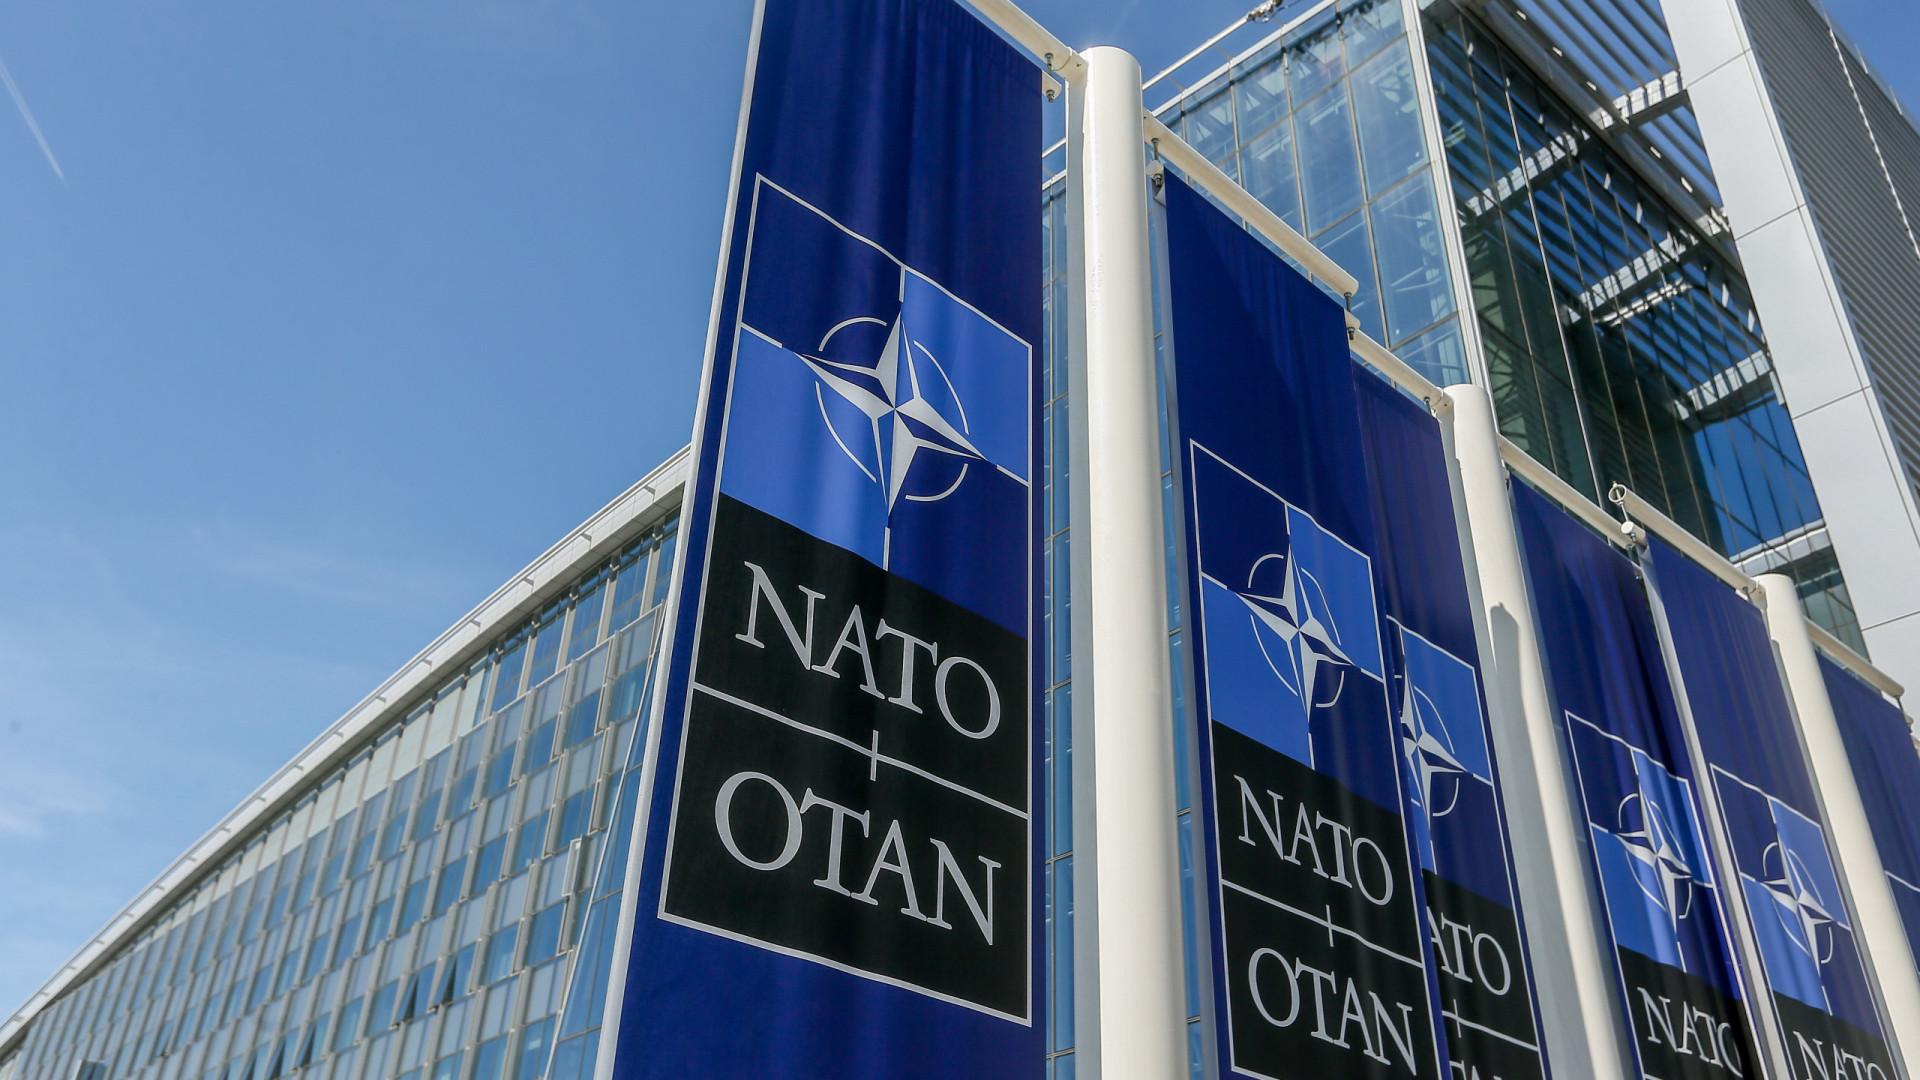 Portugal junta-se ao grupo de países mais avançados da NATO